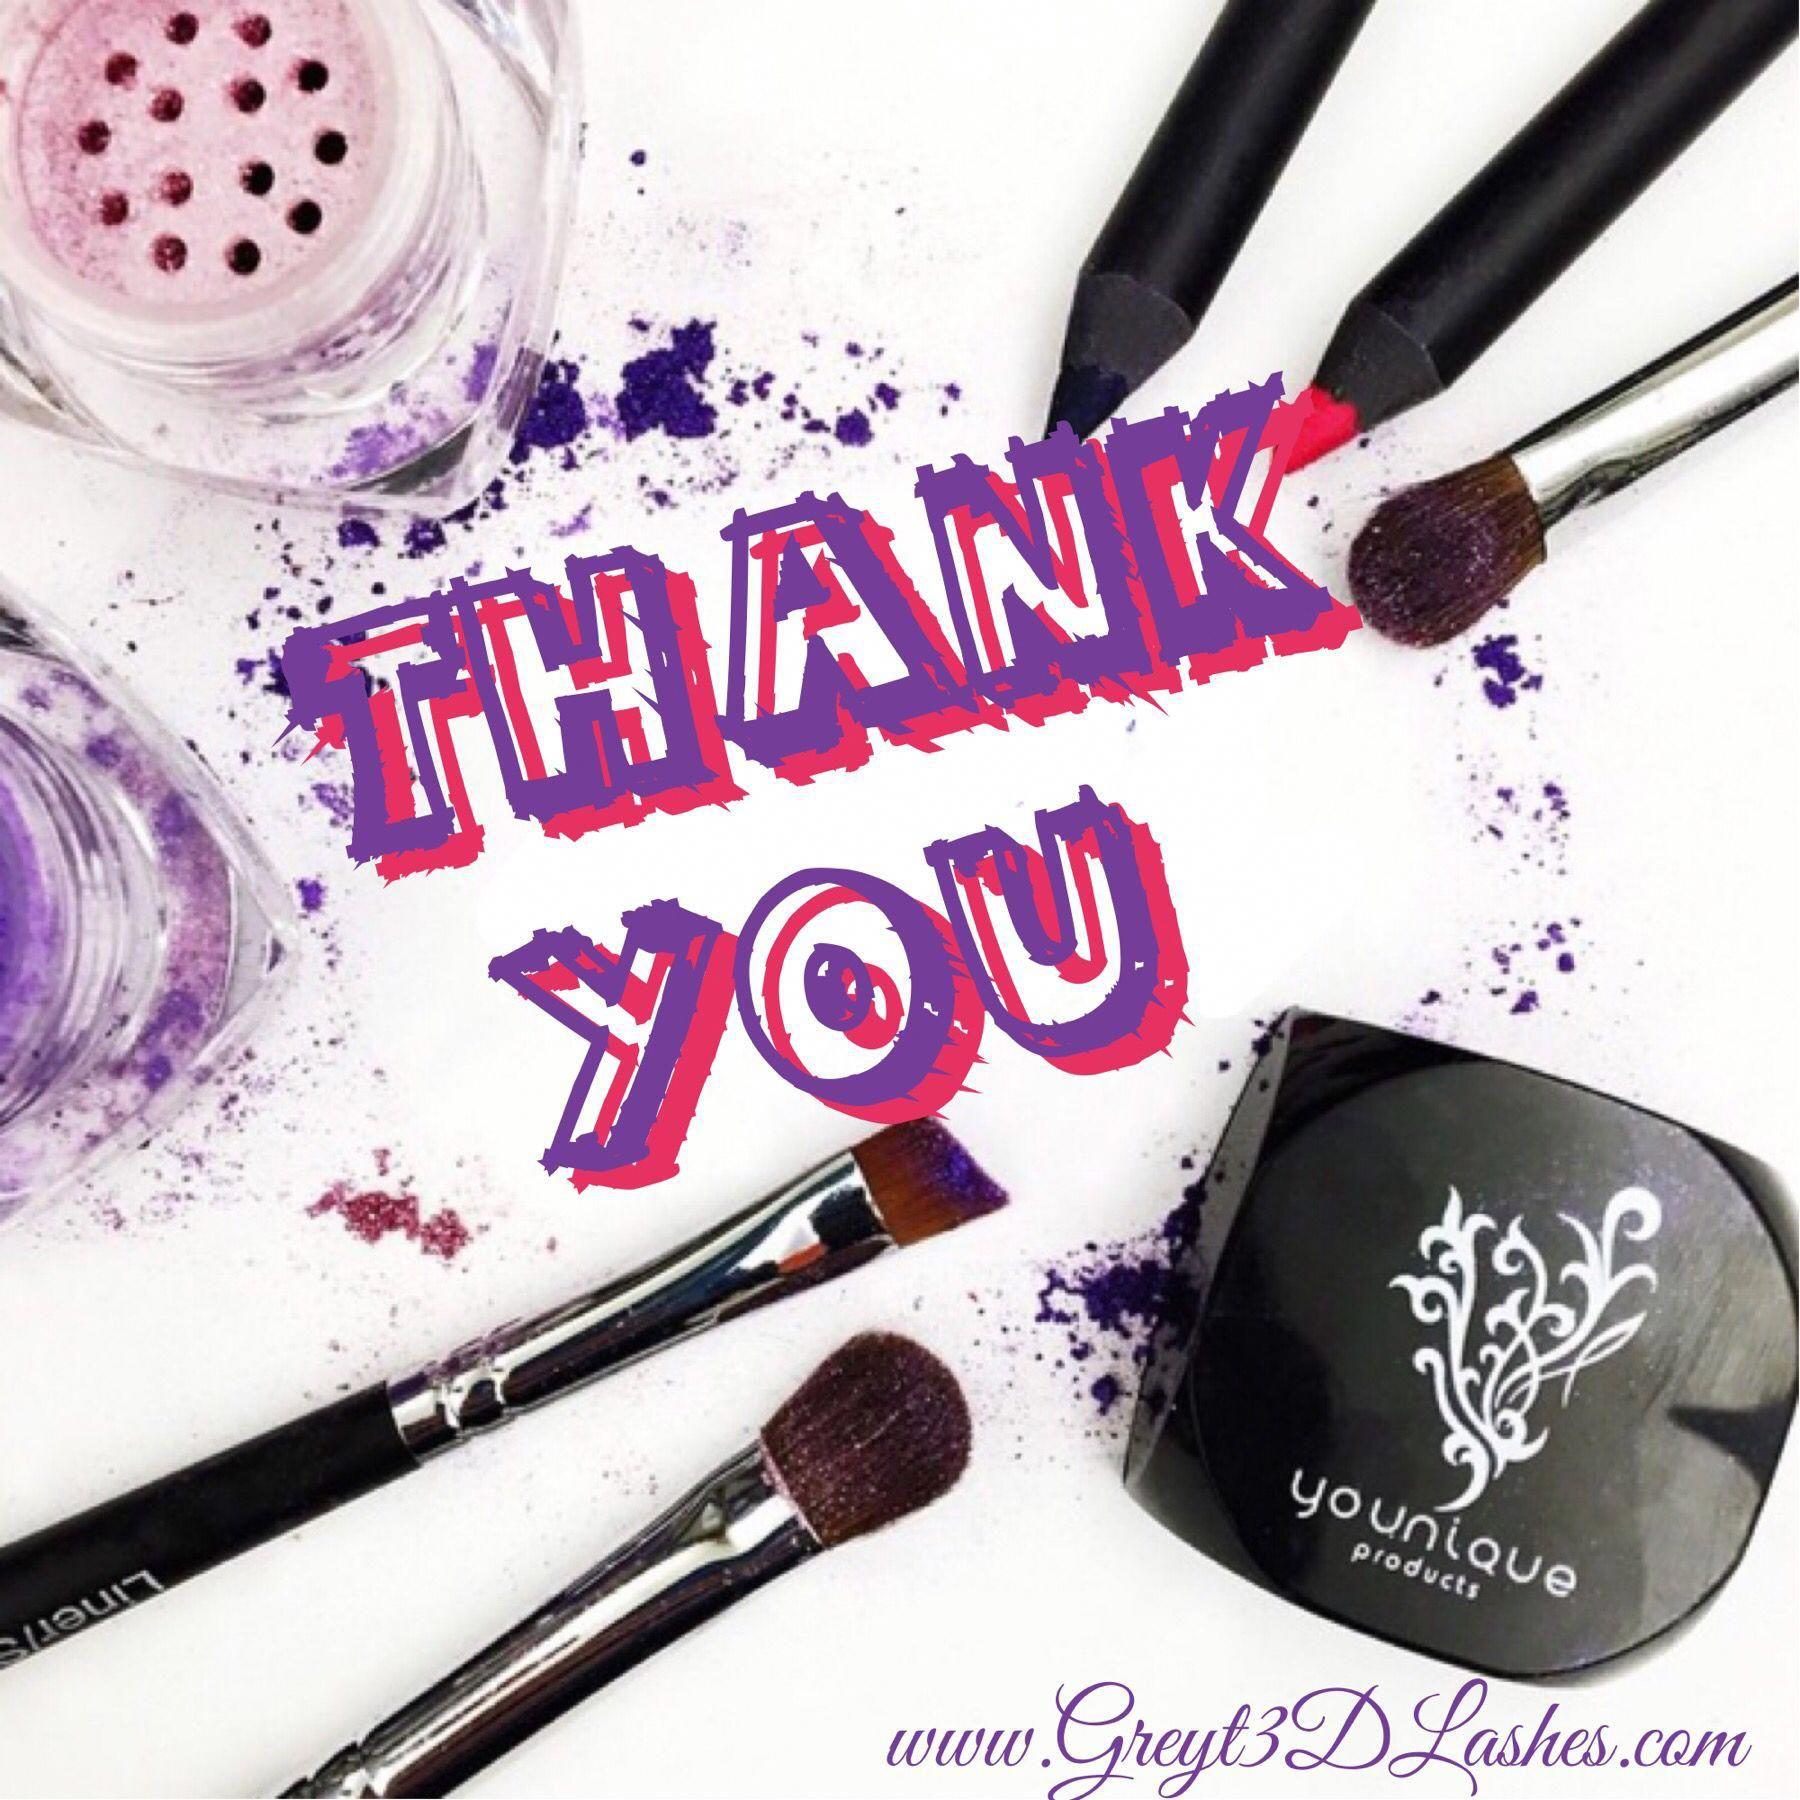 Thank you! Younique Moodstruck 3D Fiber Lashes Mascara